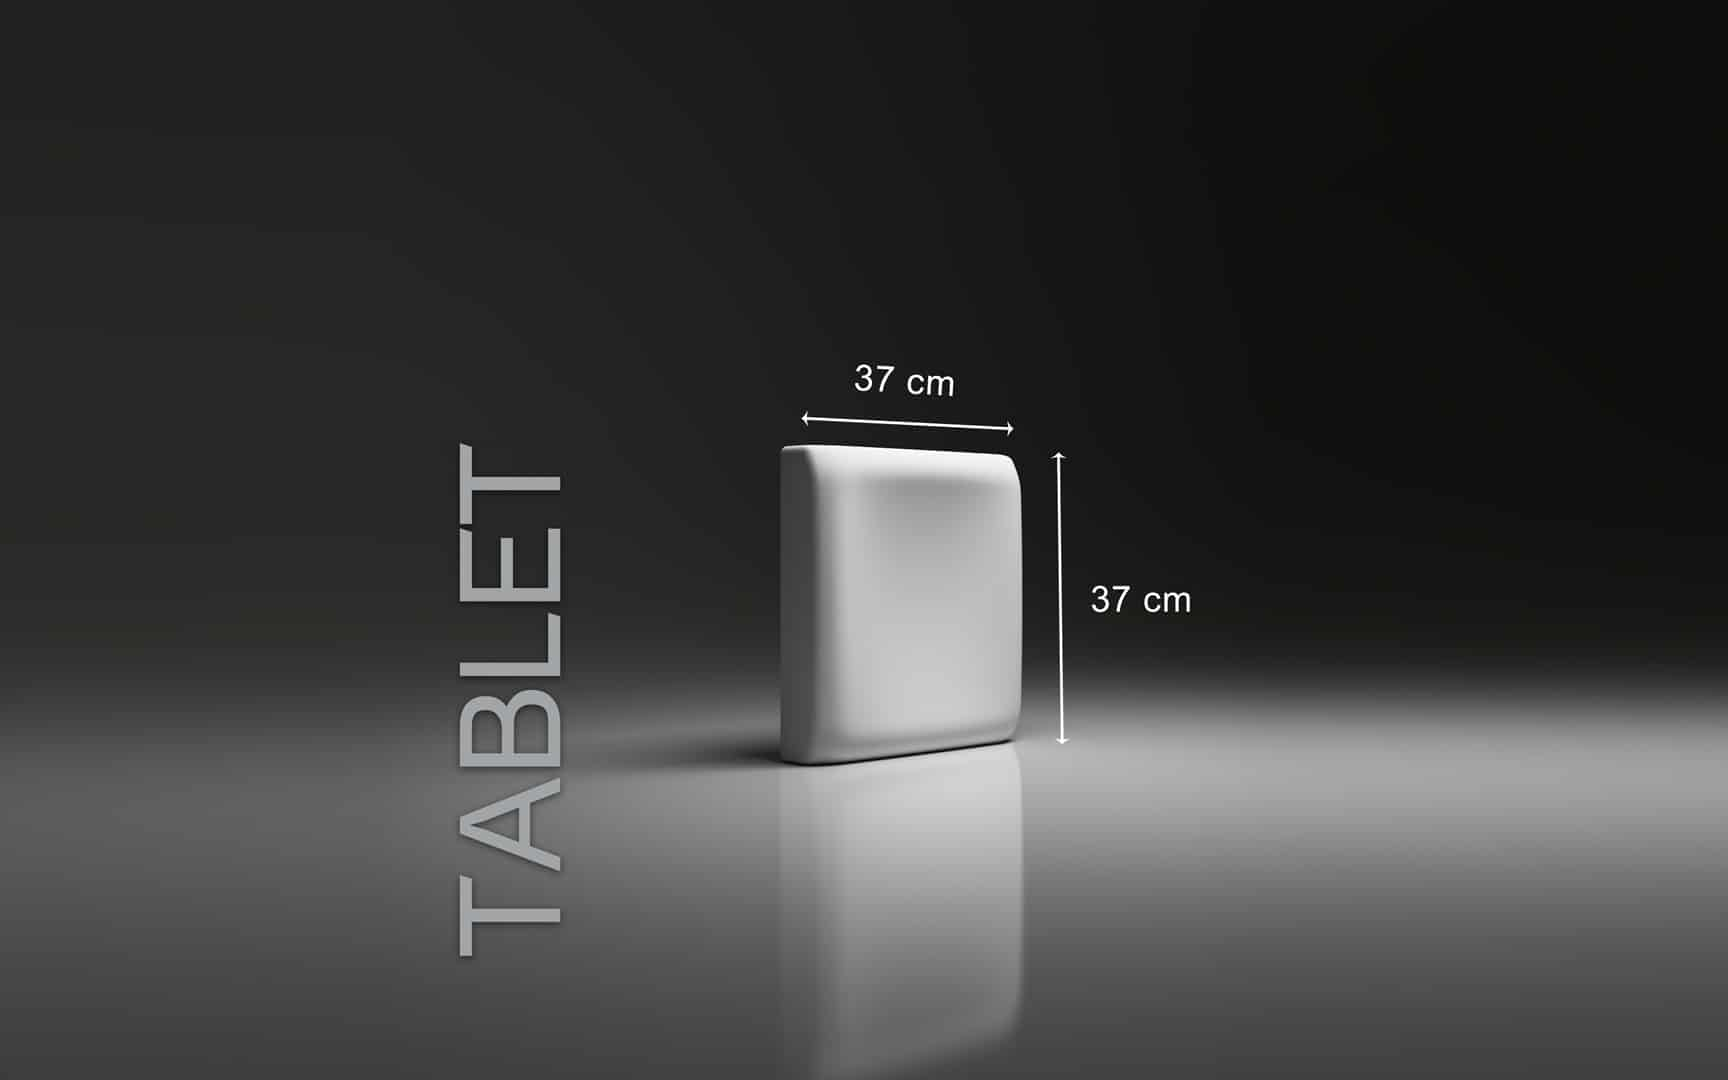 TABLET DIMENSIONS : hauteur 37 cm x largeur 37 cm ÉPAISSEUR : de 3,0 cm à 5,0 cm POIDS : environ 4 kg